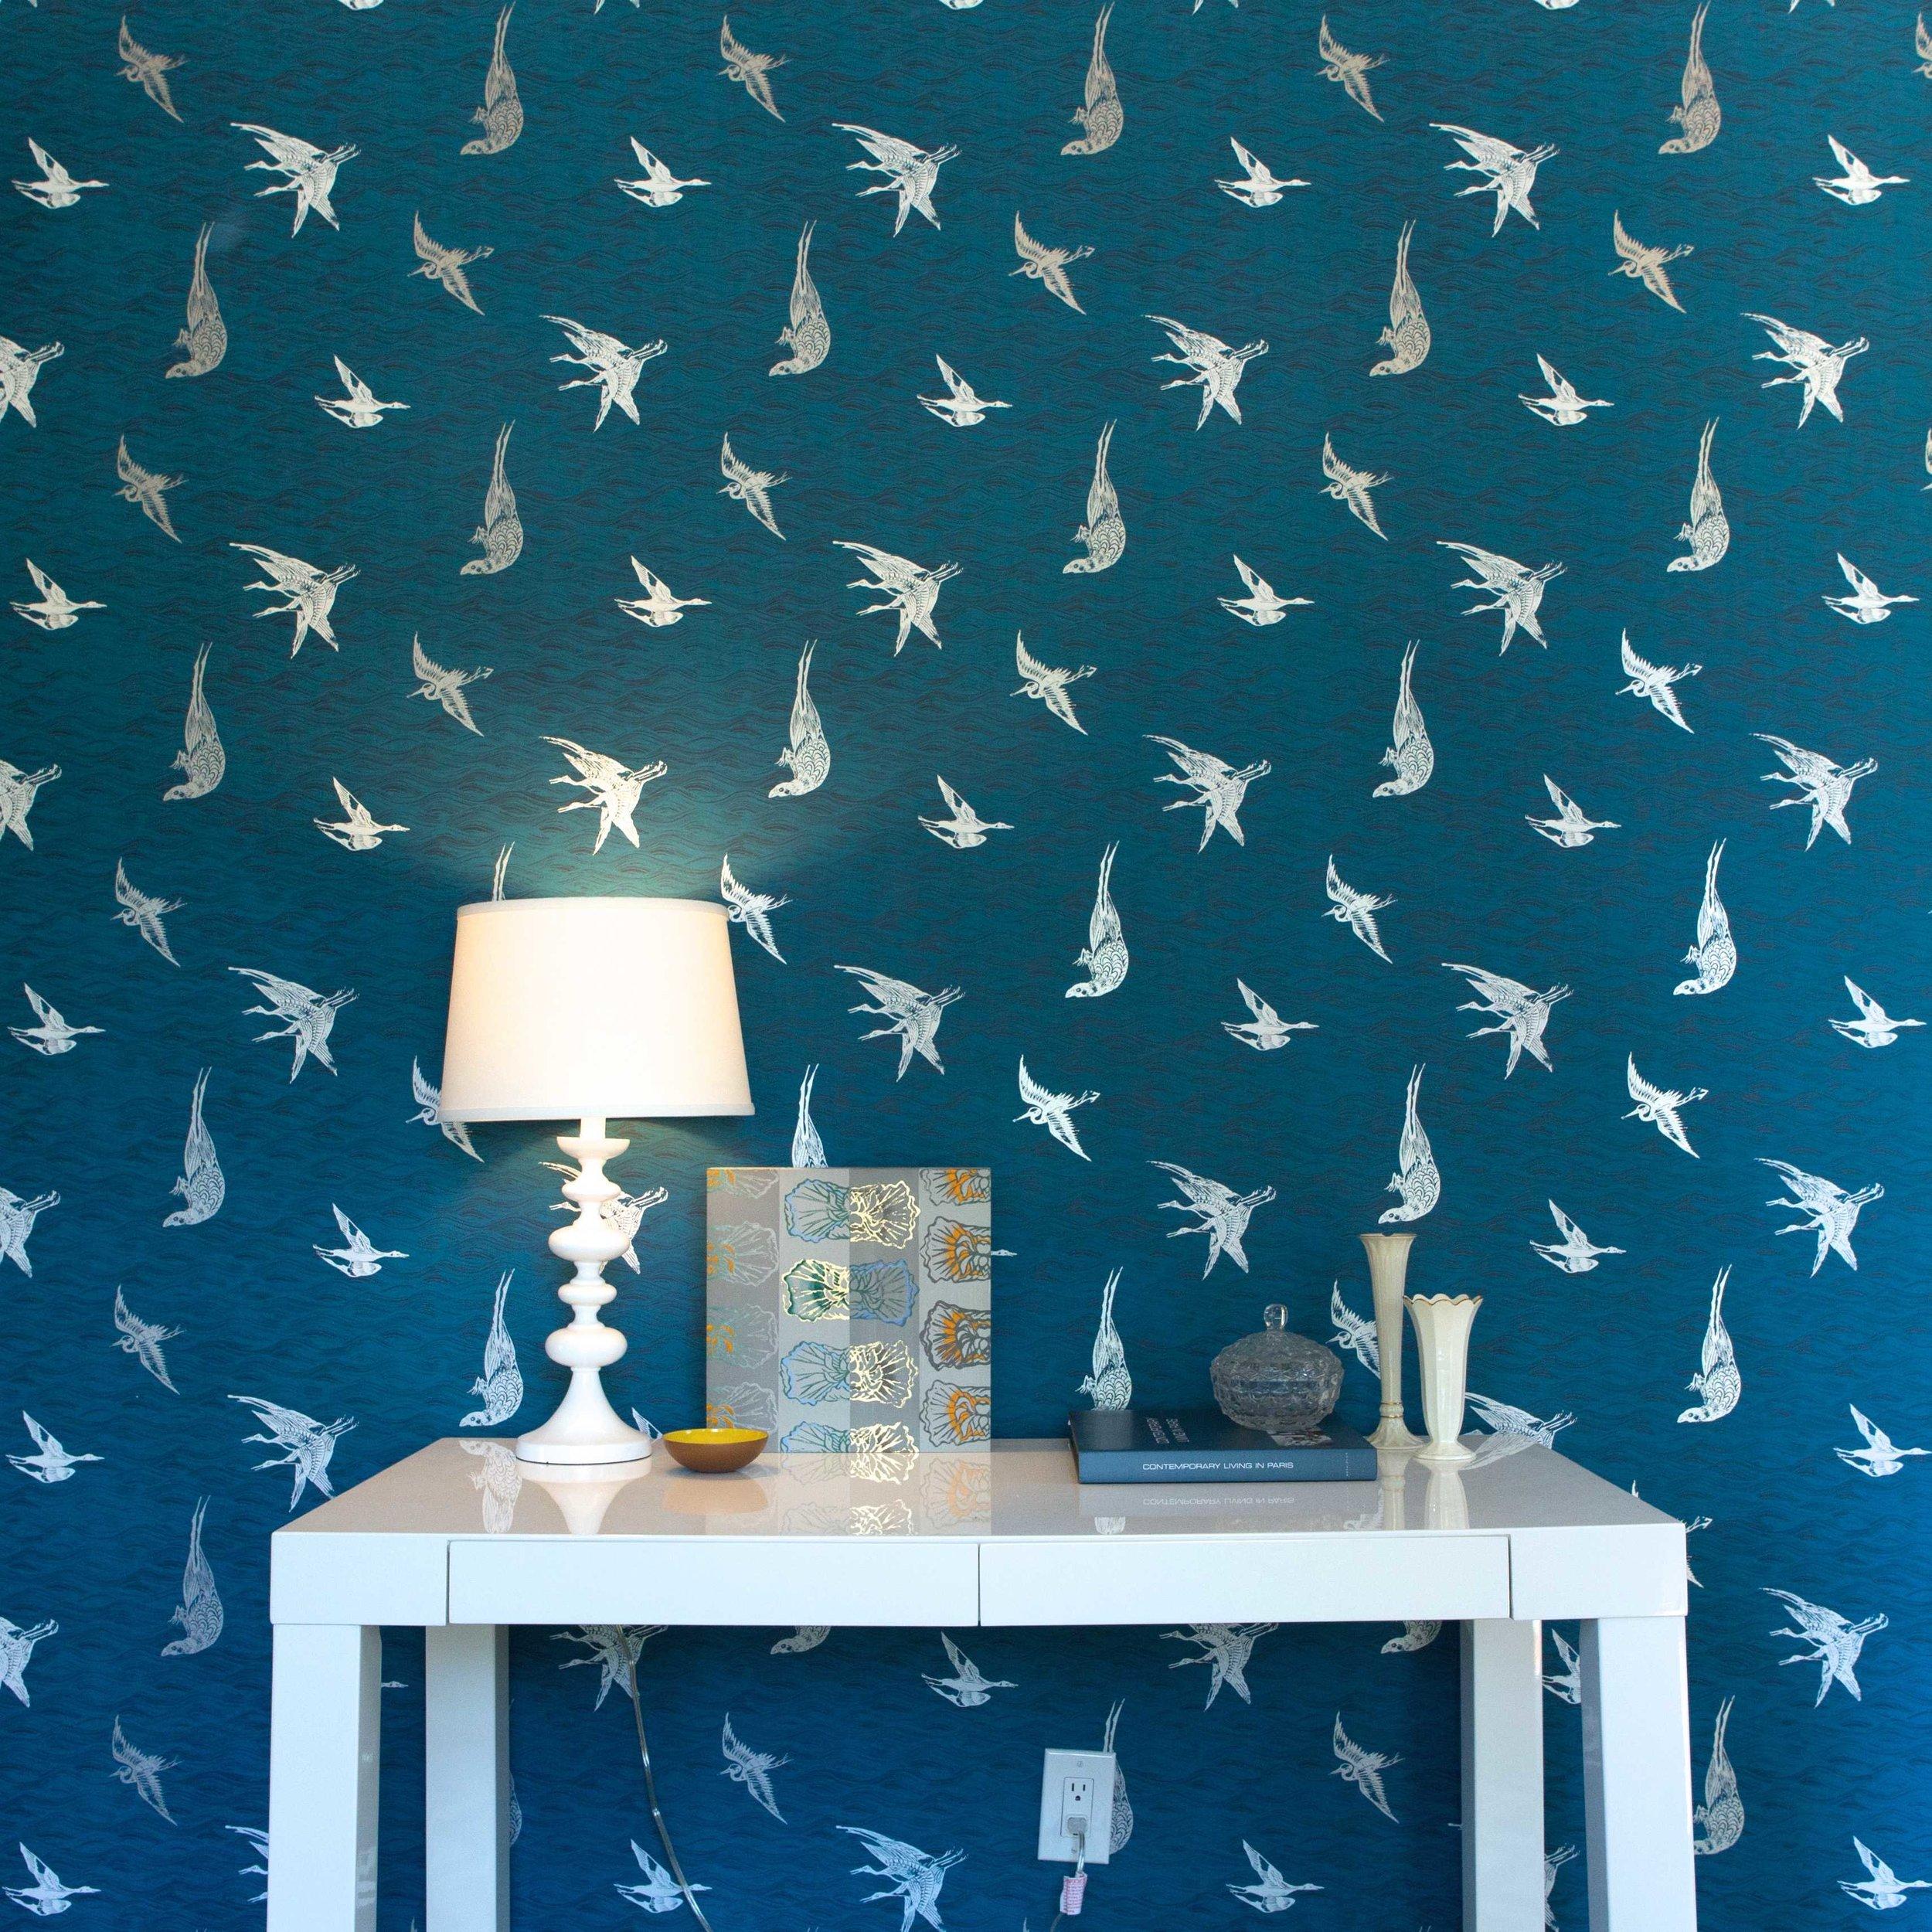 Birds Wallpaper in Azure, Photo by Benjamin Hoffman